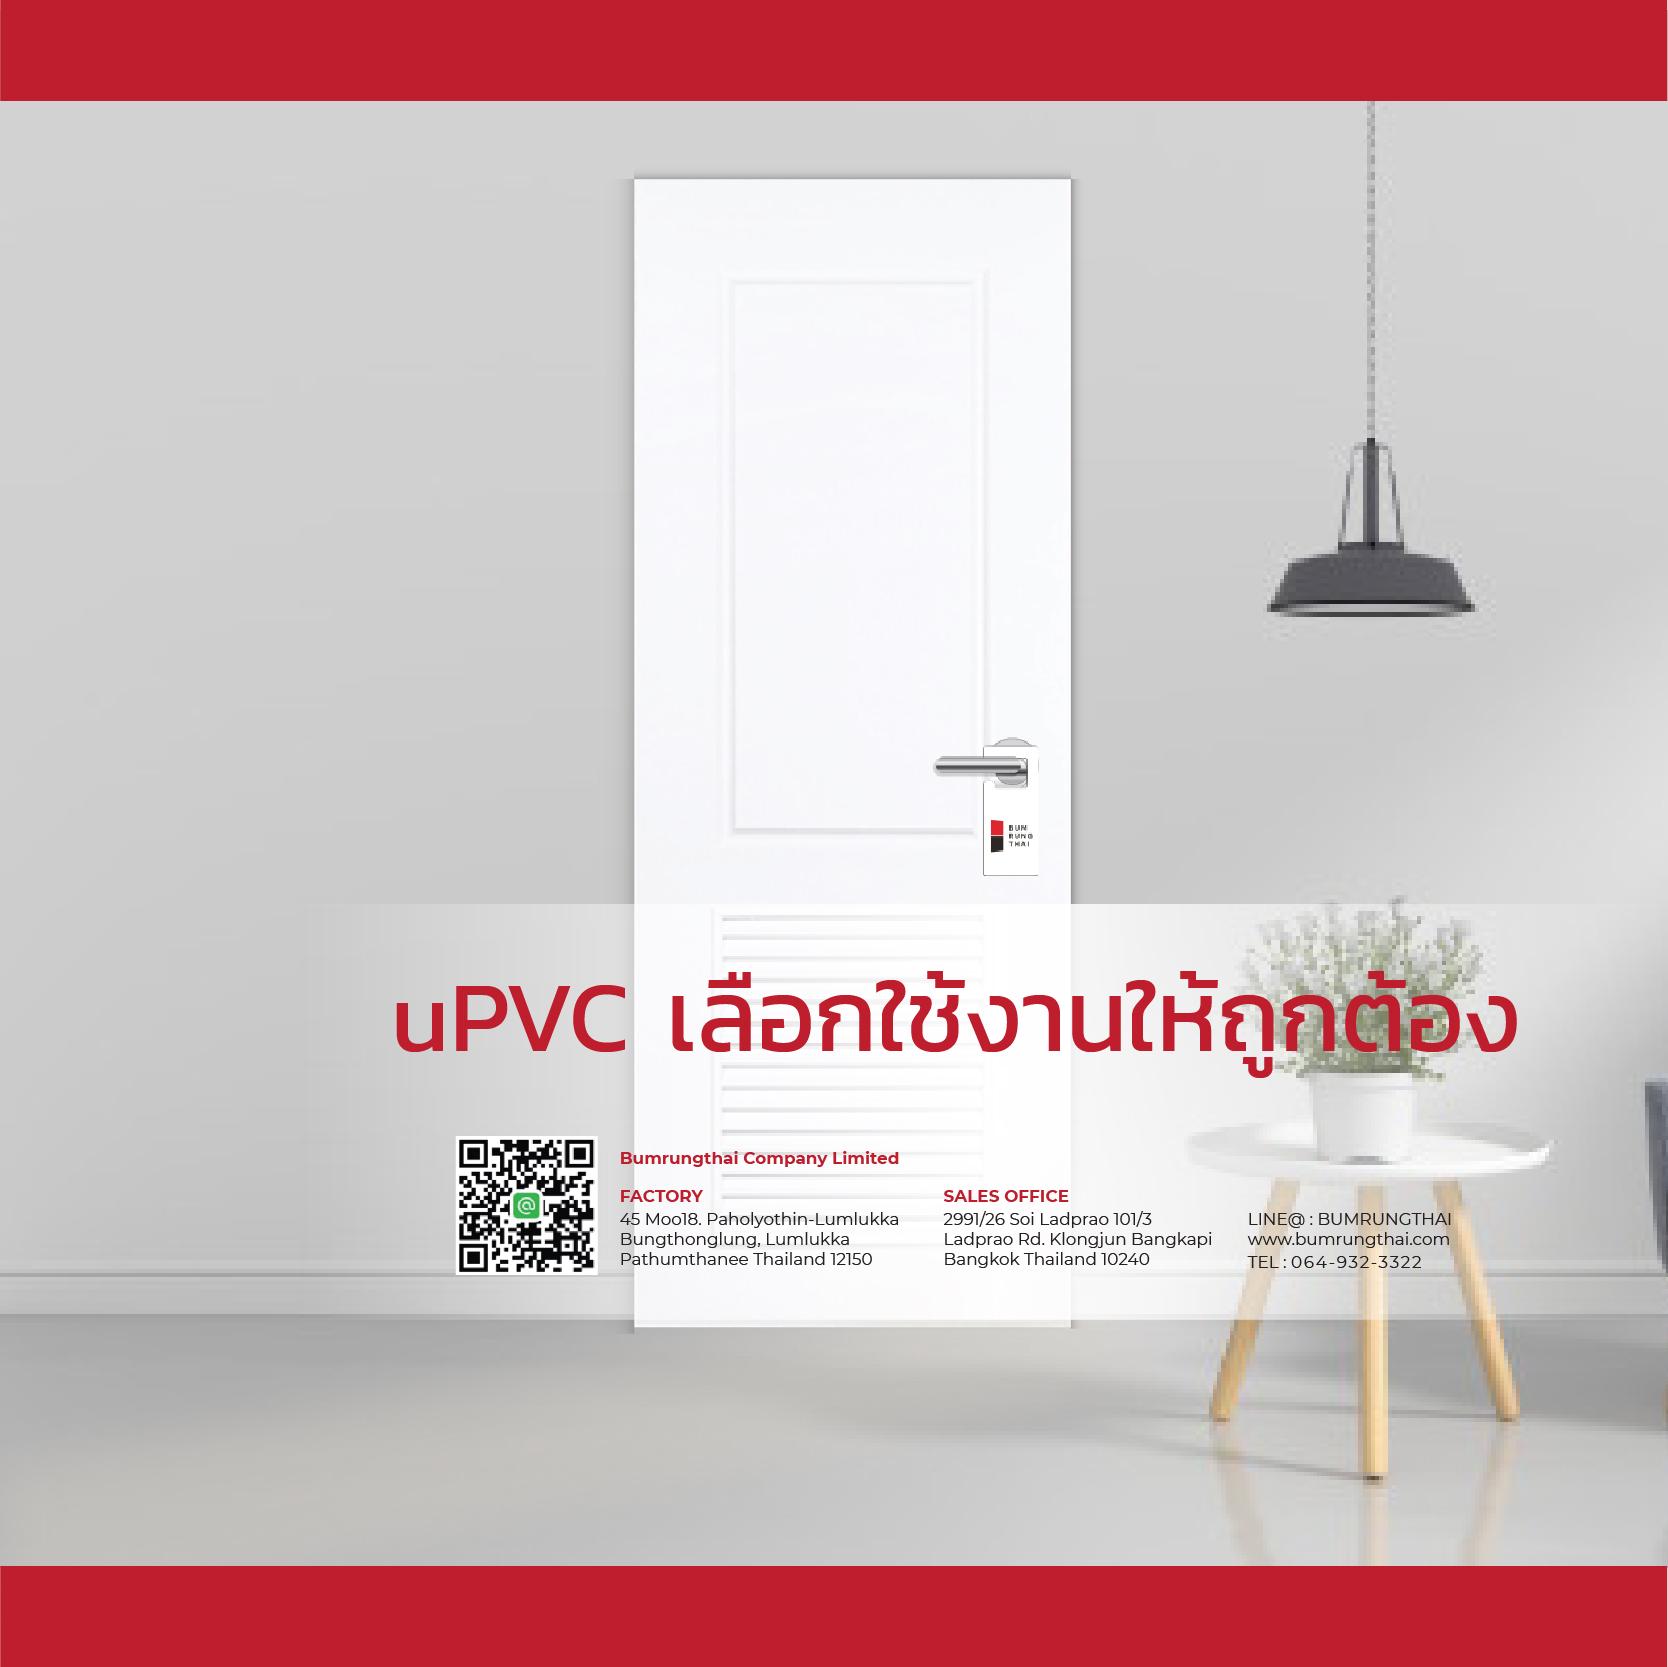 uPVC เลือกใช้งานให้ถูกต้อง